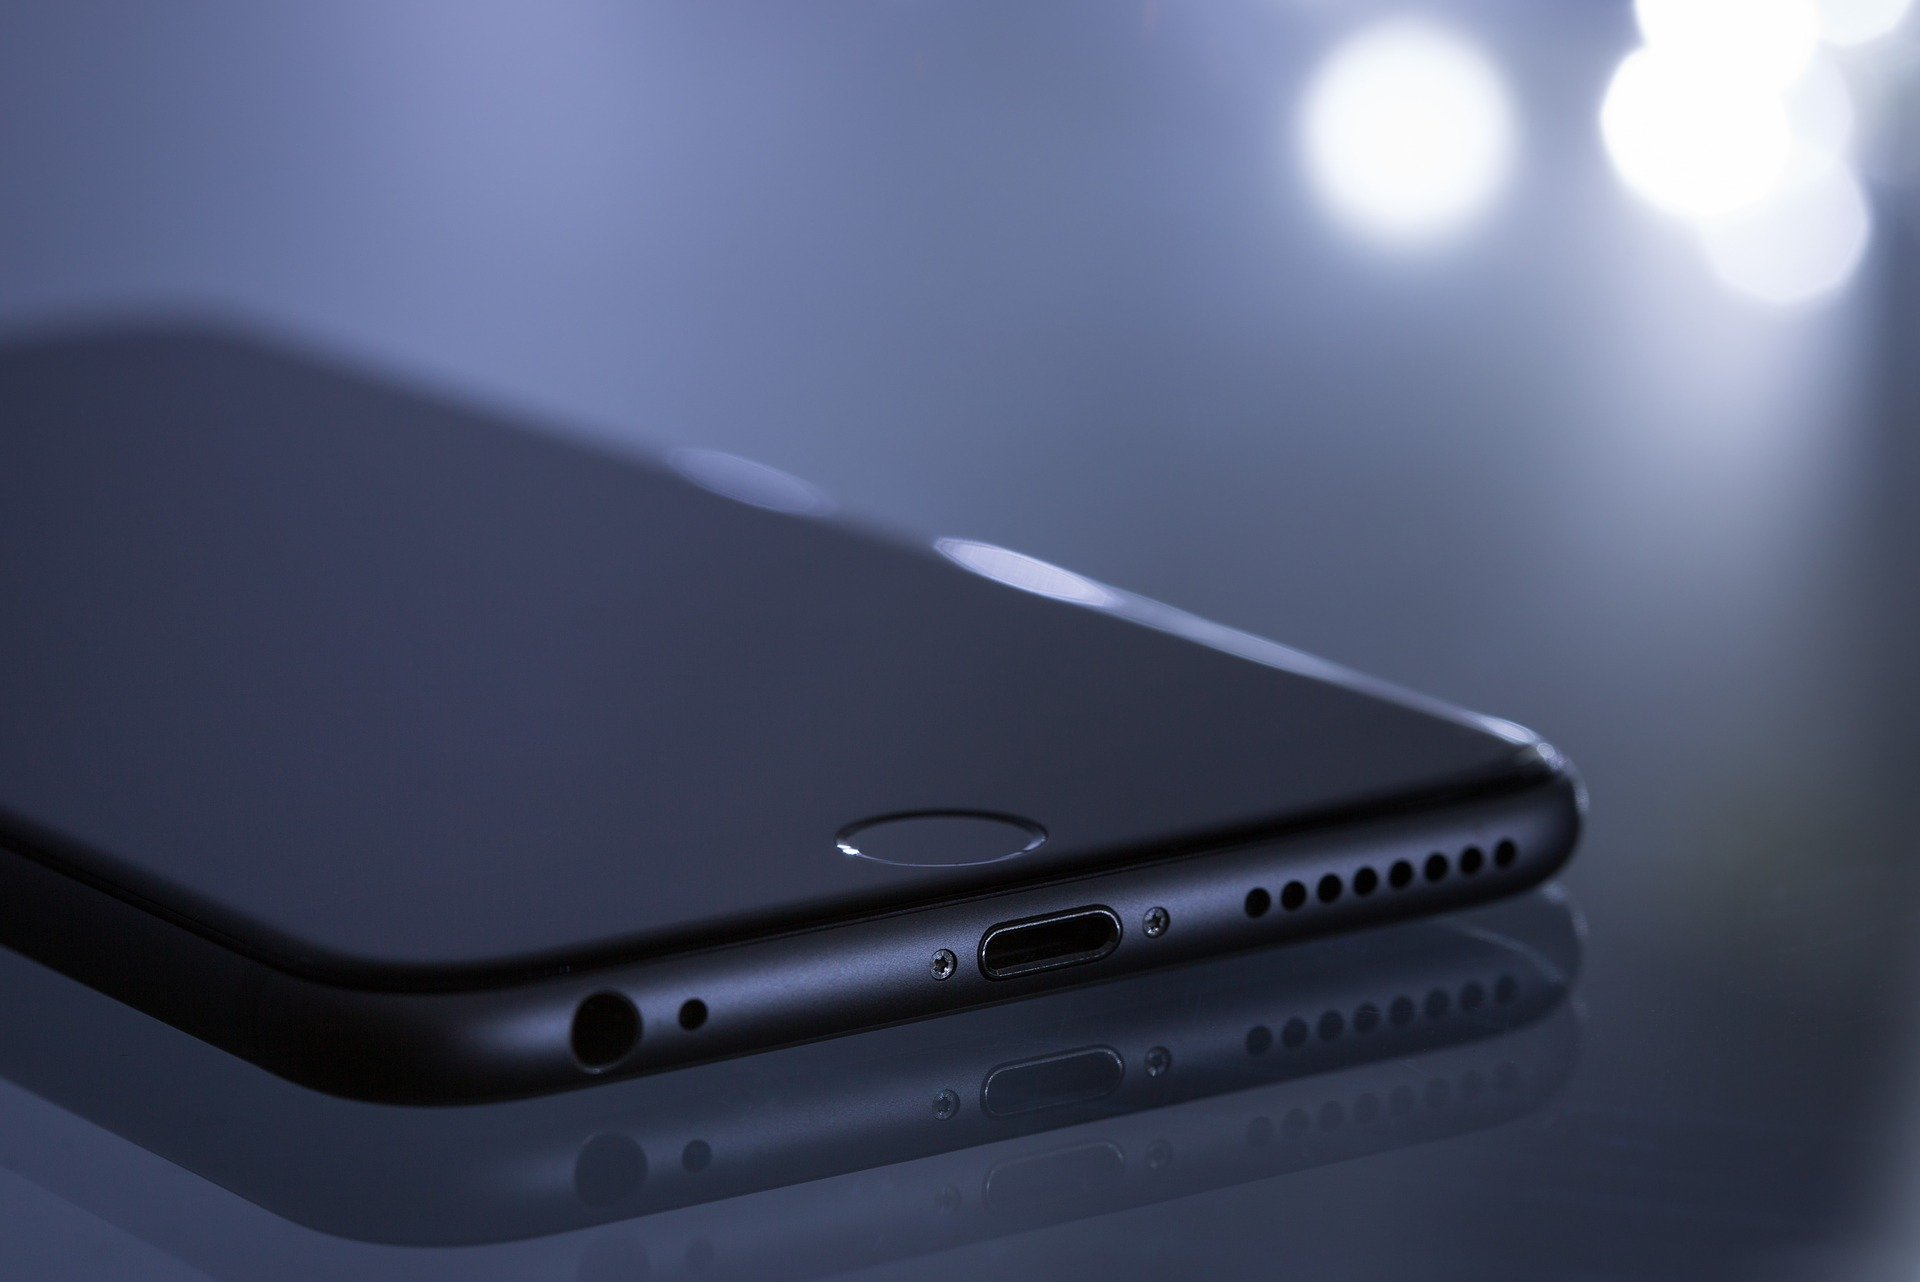 Novo no universo da Apple? Conheça 5 funções que vão facilitar seu dia a dia